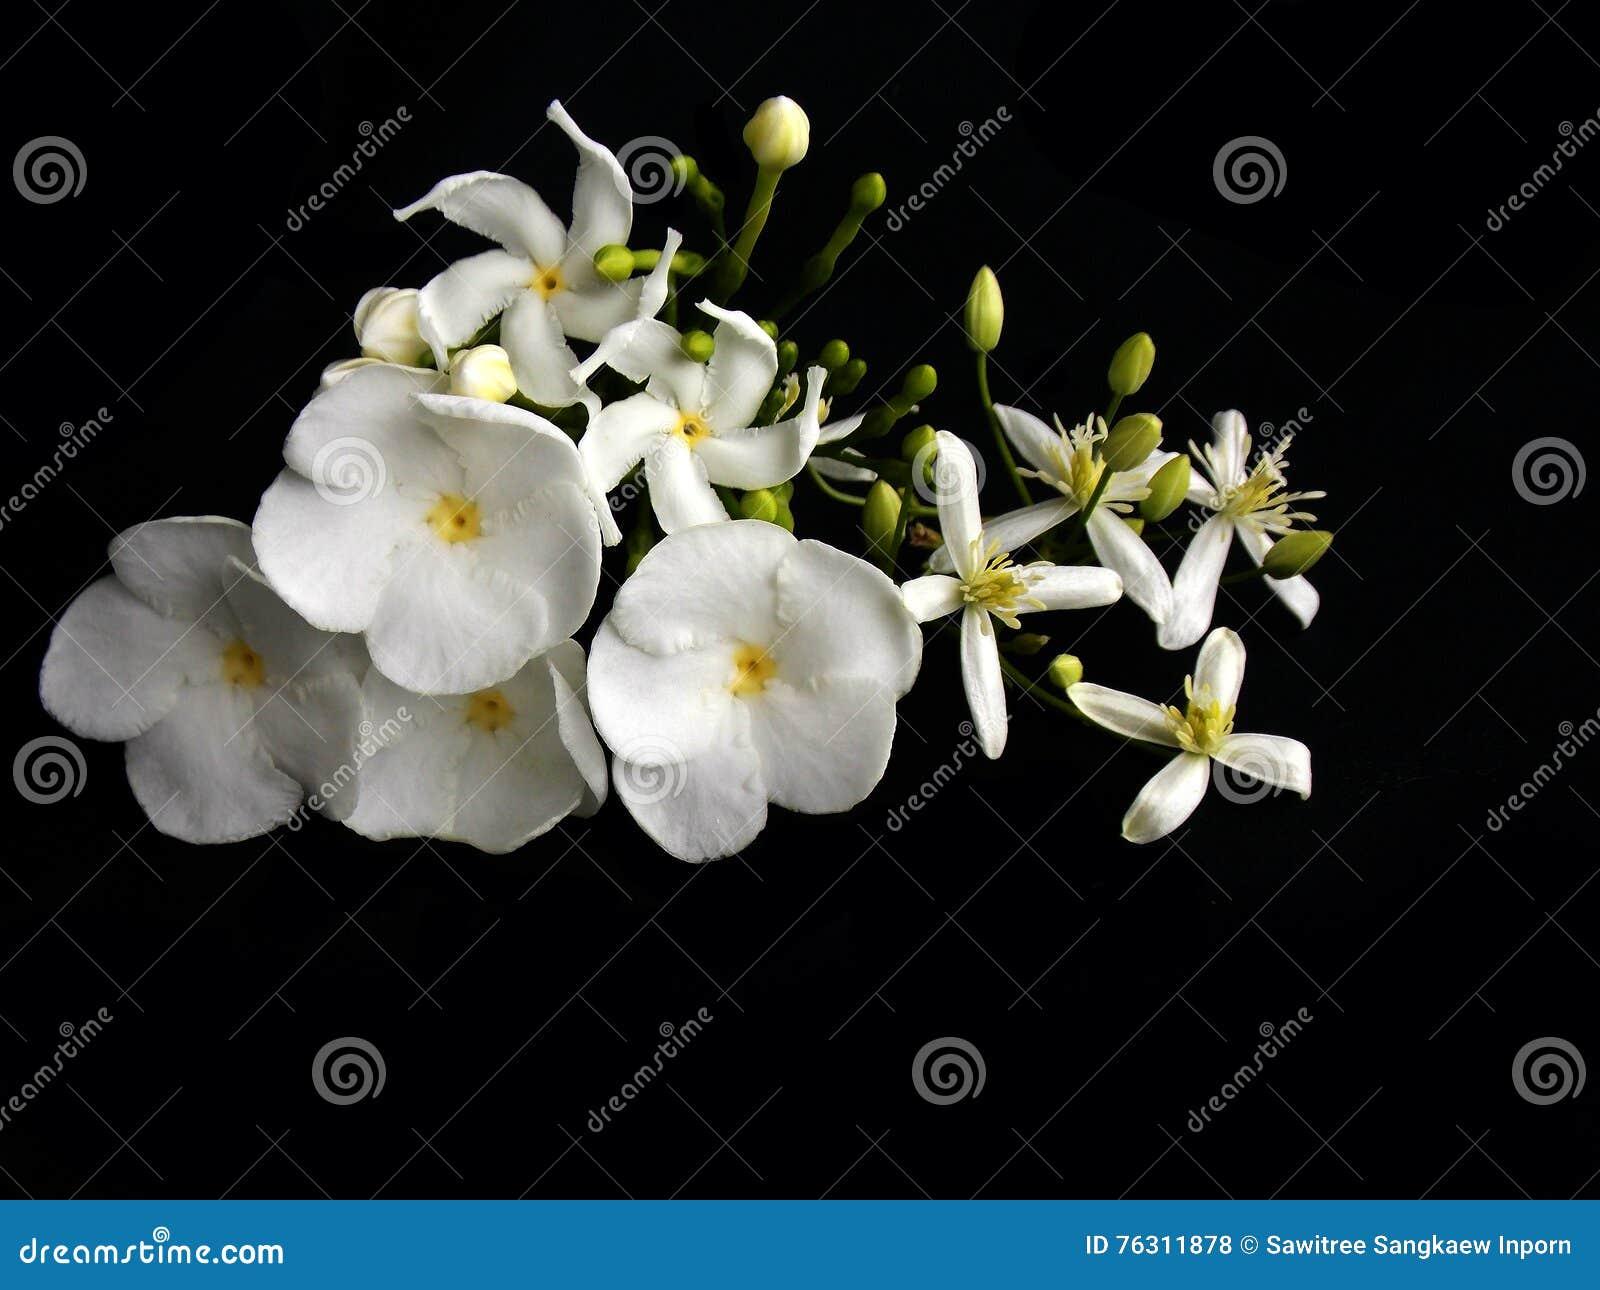 Beautiful White Gardenia Flower Stock Photo Image Of Gardenia